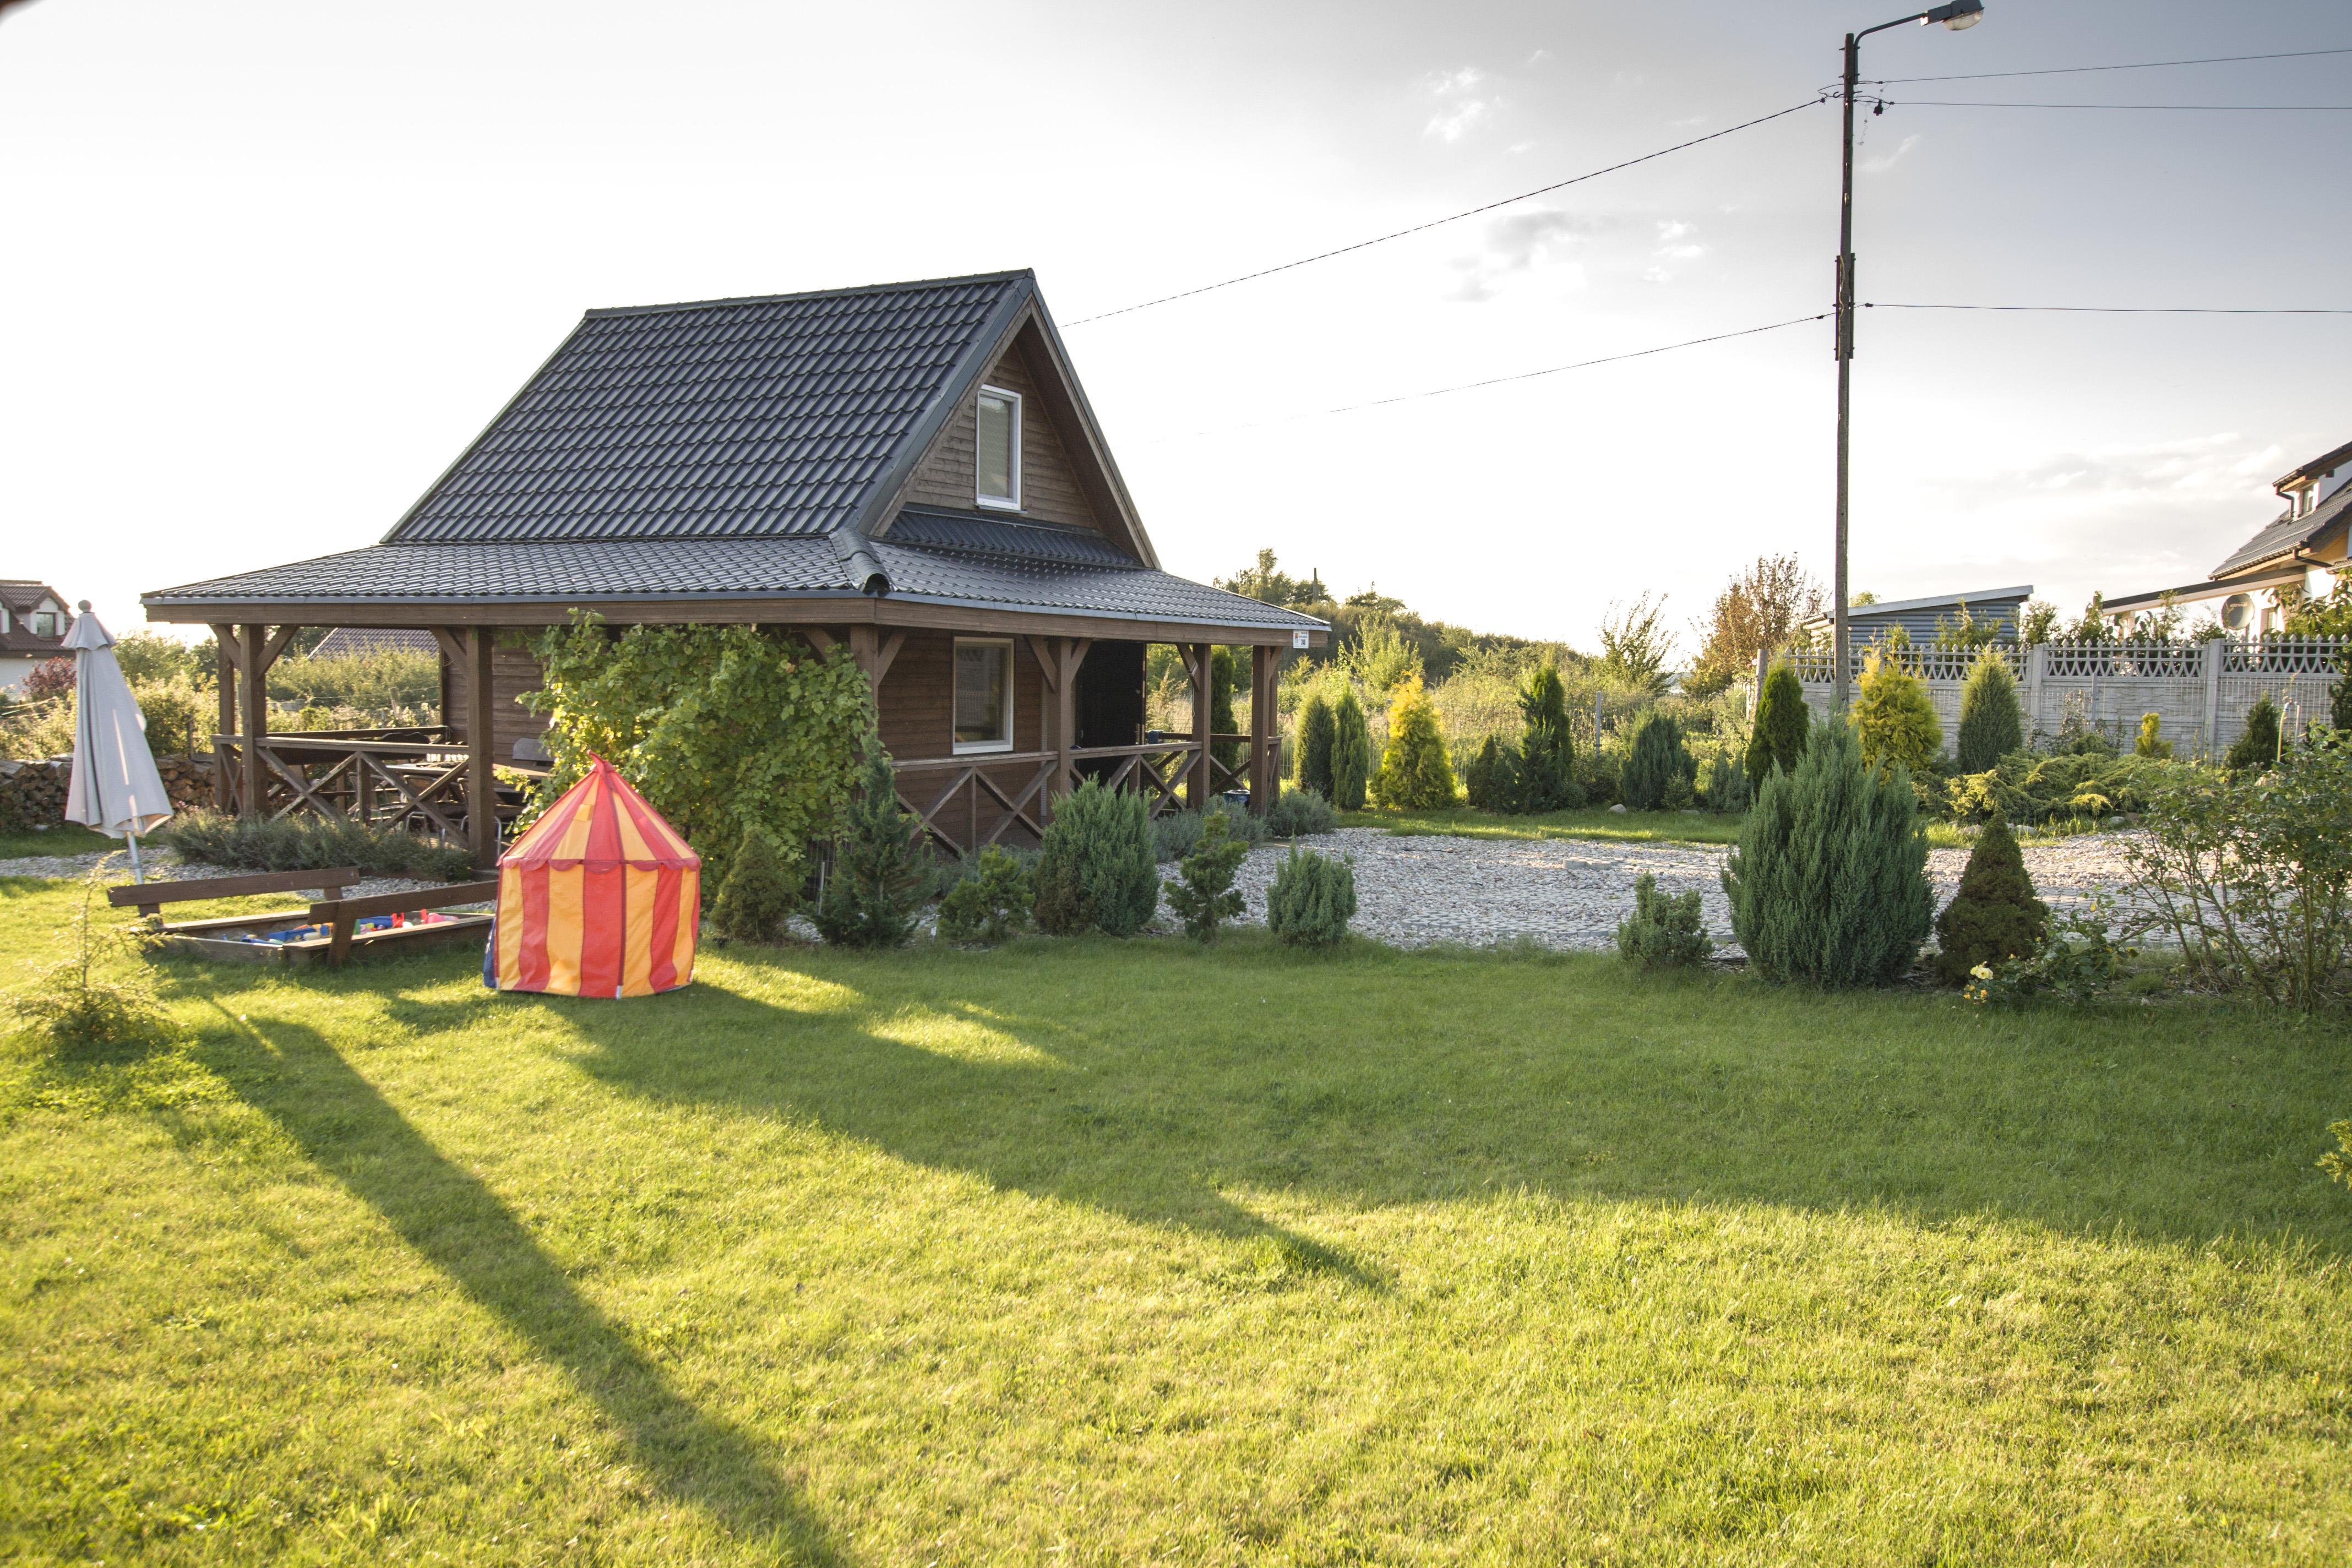 Dom rekreacyjny w malowniczym Lubiniu